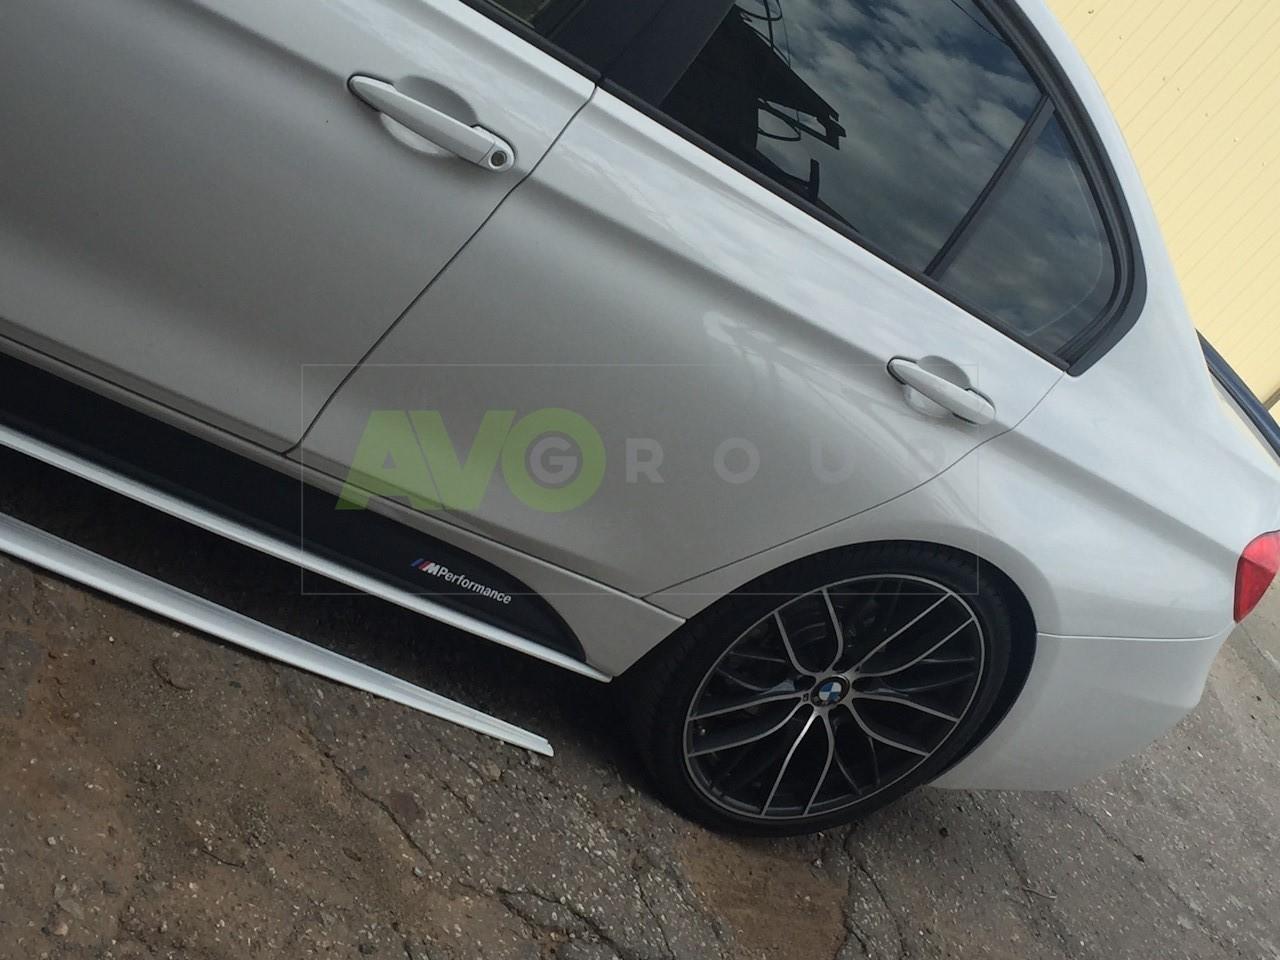 For BMW 3 Ser F30 F31 SE Sideskirt blades Add On Side Skirts